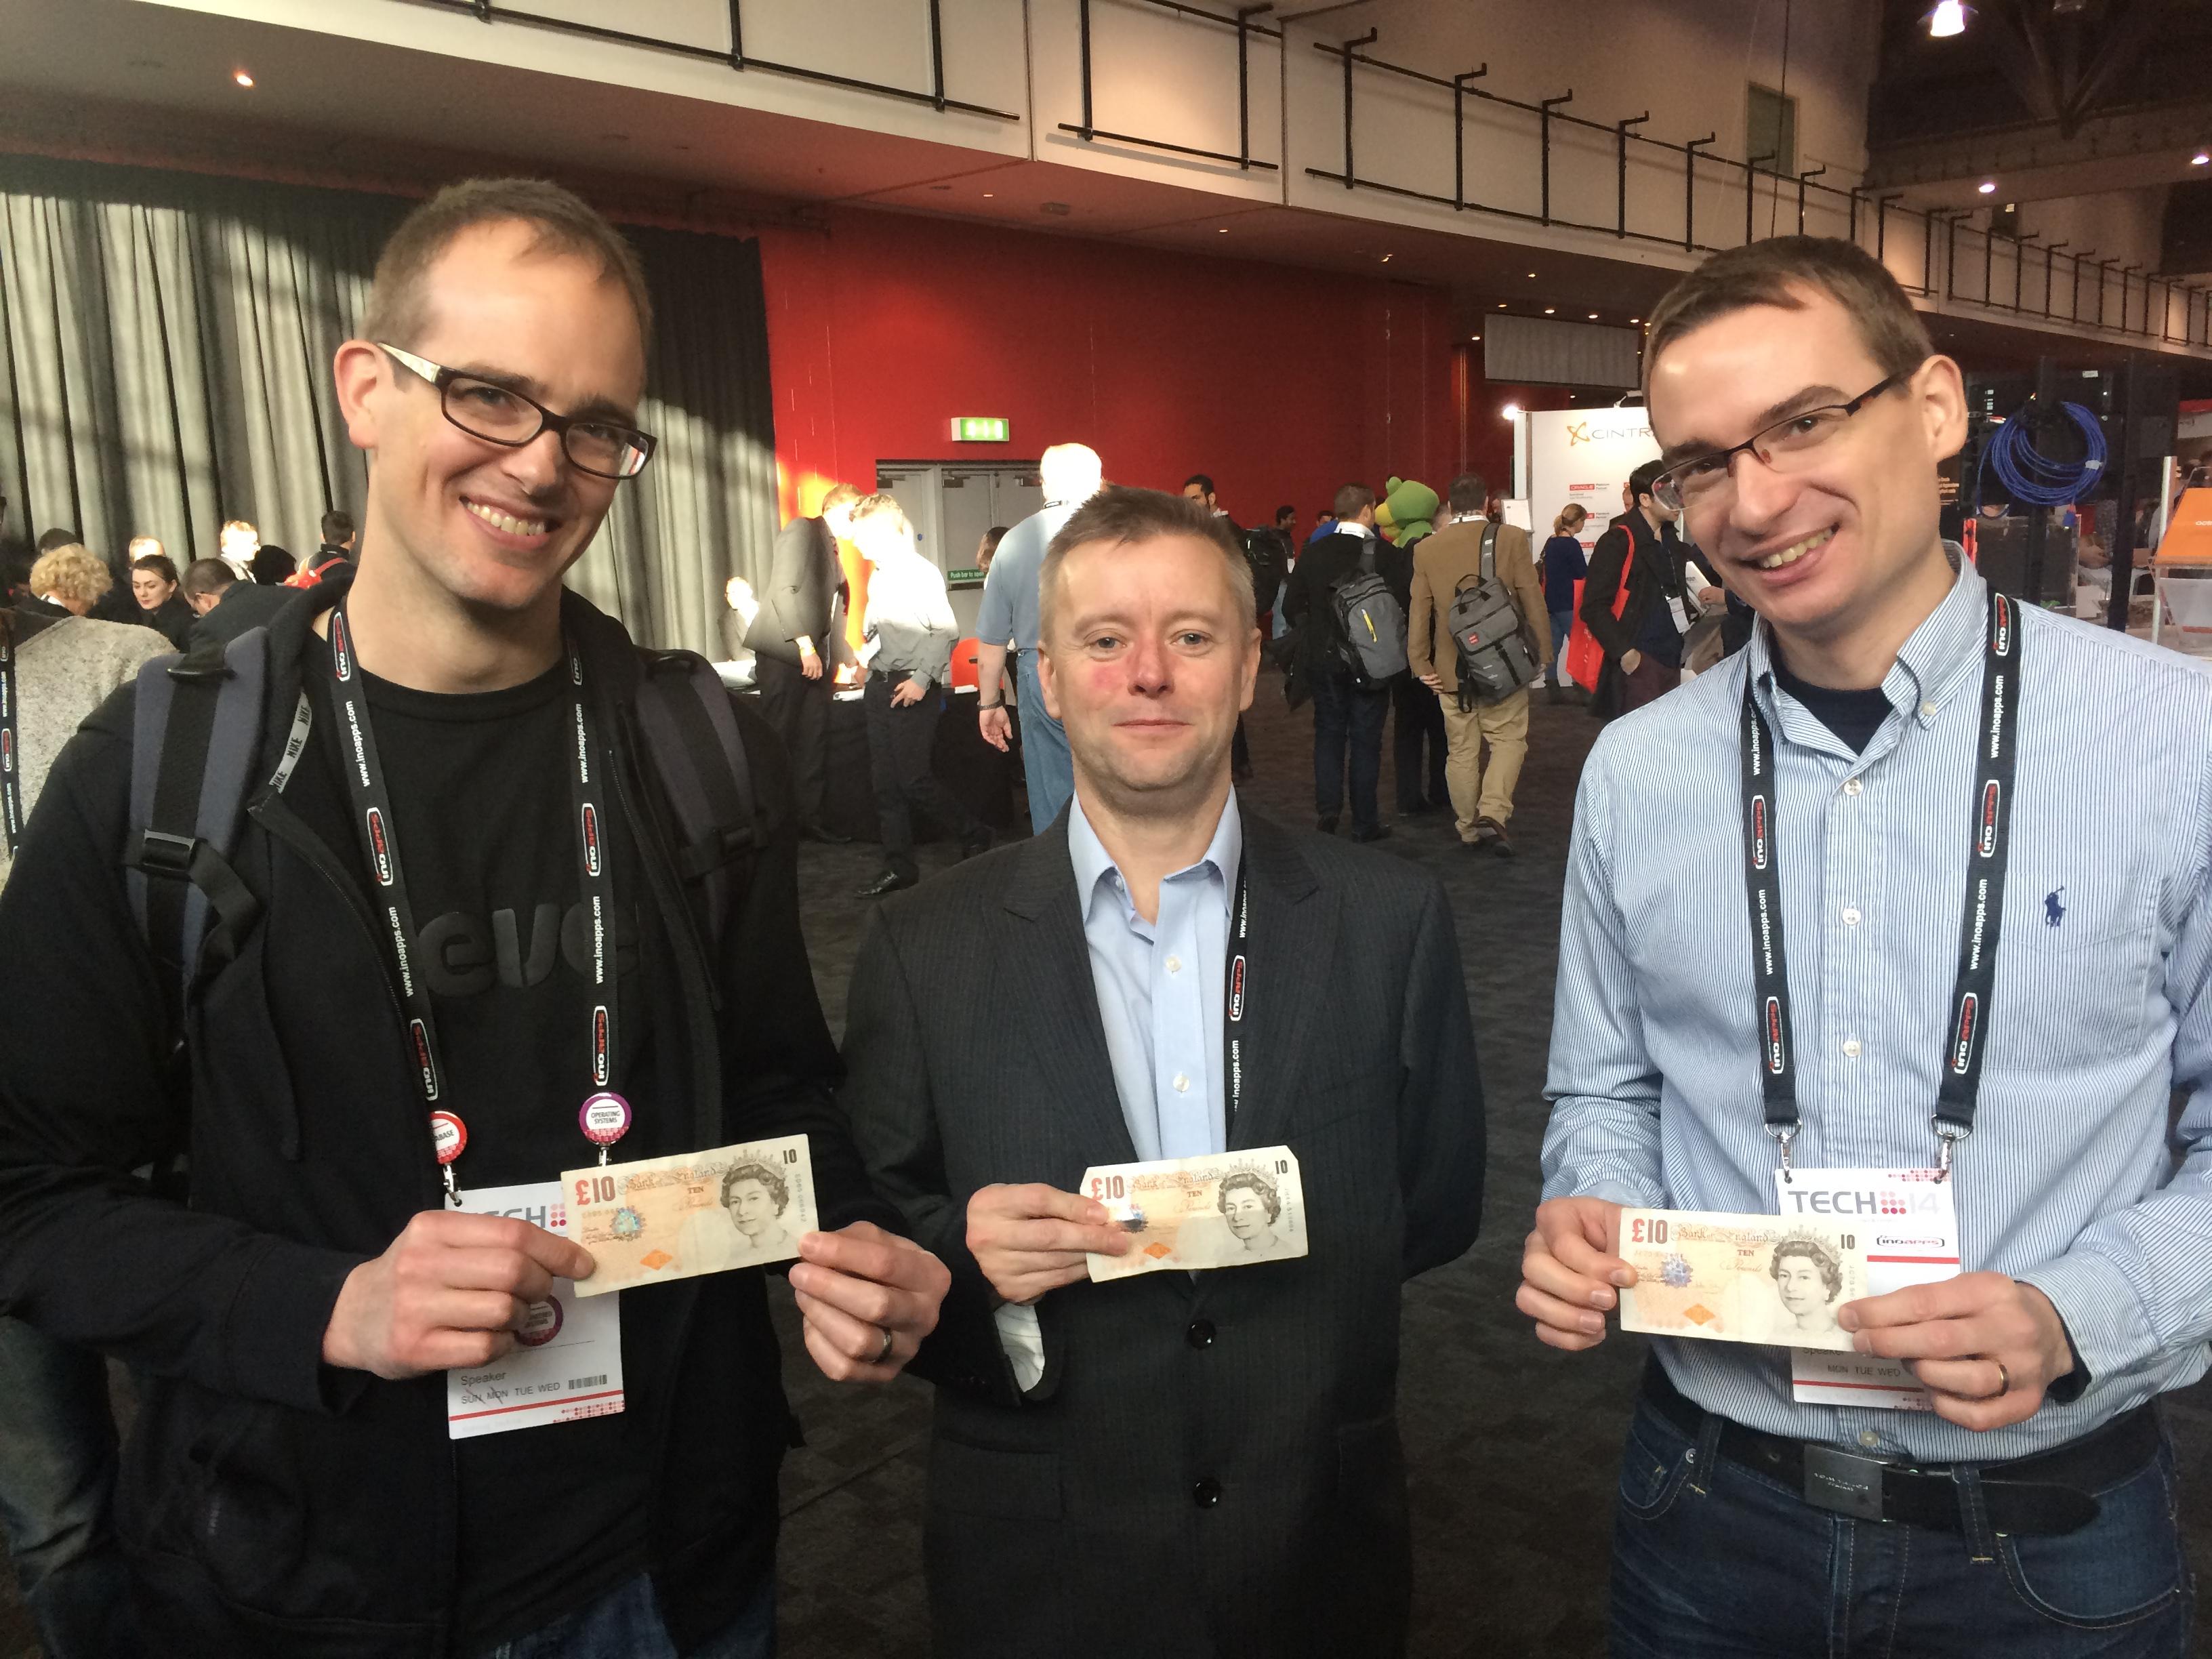 The Three Martins at UKOUG Tech14